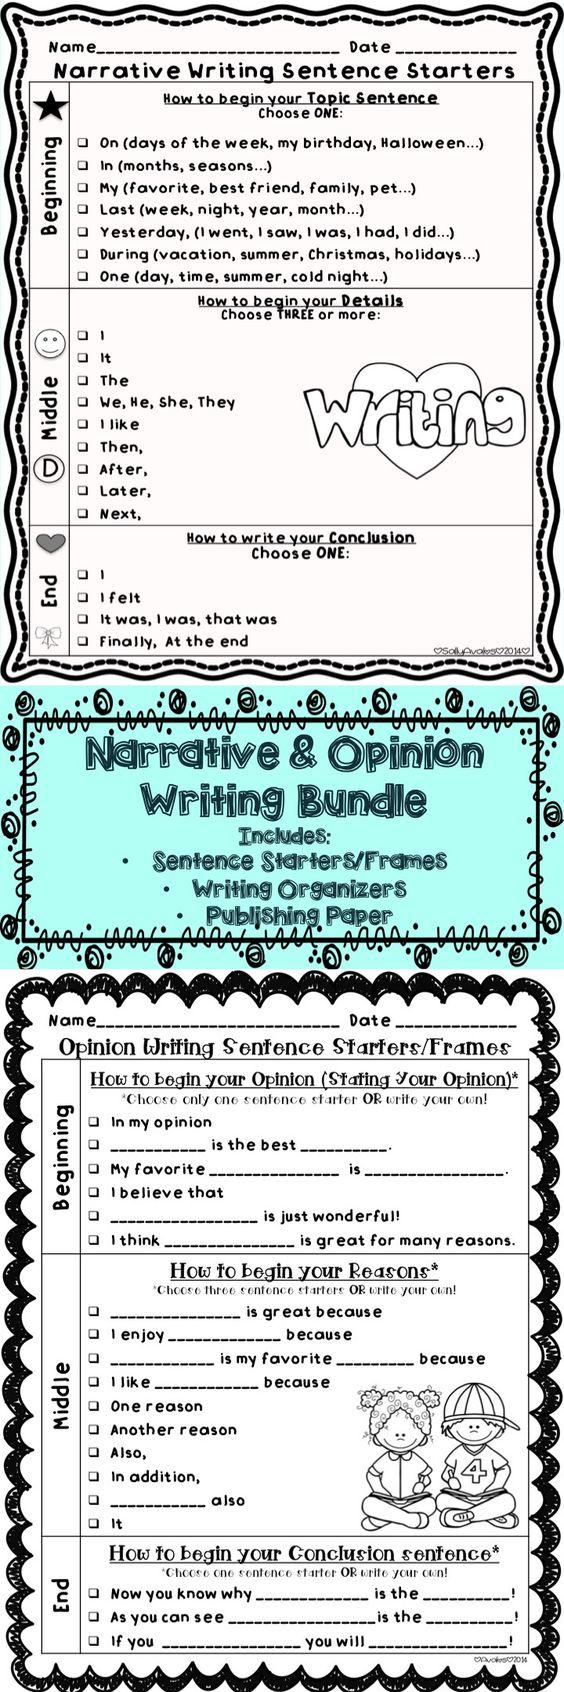 I need to write a narrative essay , any topics?